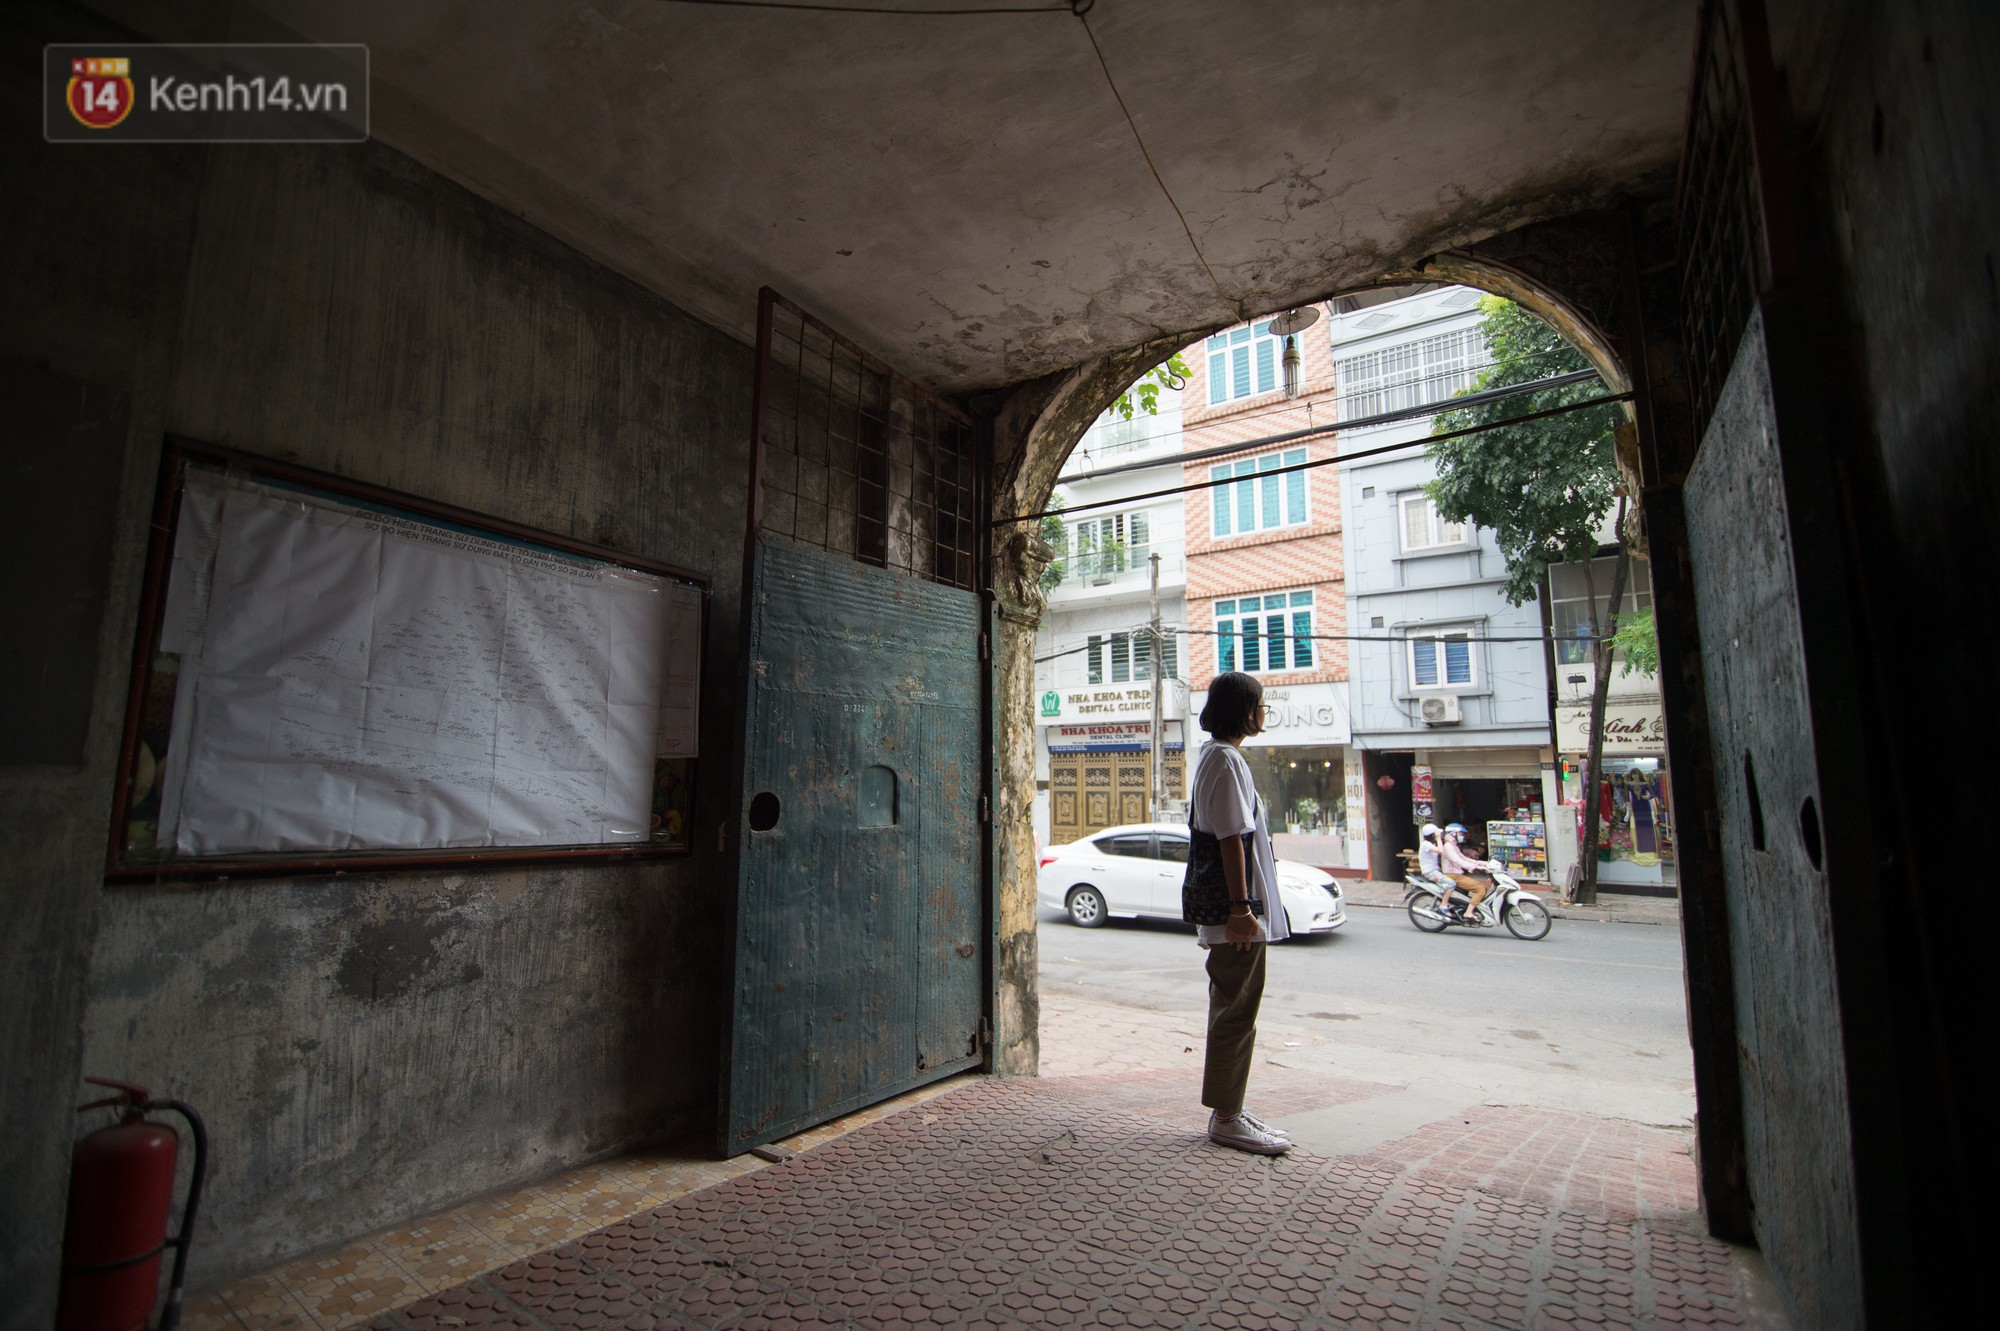 Chuyện về một con phố có nhiều cổng làng nhất Hà Nội: Đưa chân qua cổng phải tôn trọng nếp làng - Ảnh 5.